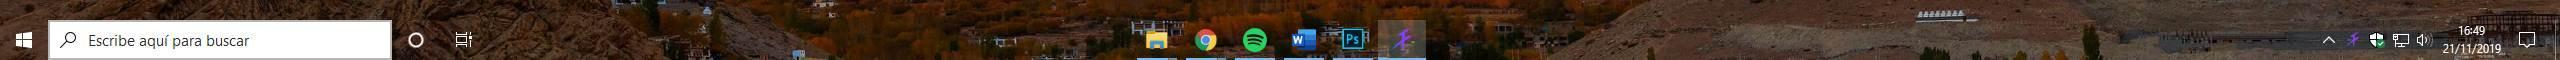 Personalizar barra de tareas Windows 10 - 1